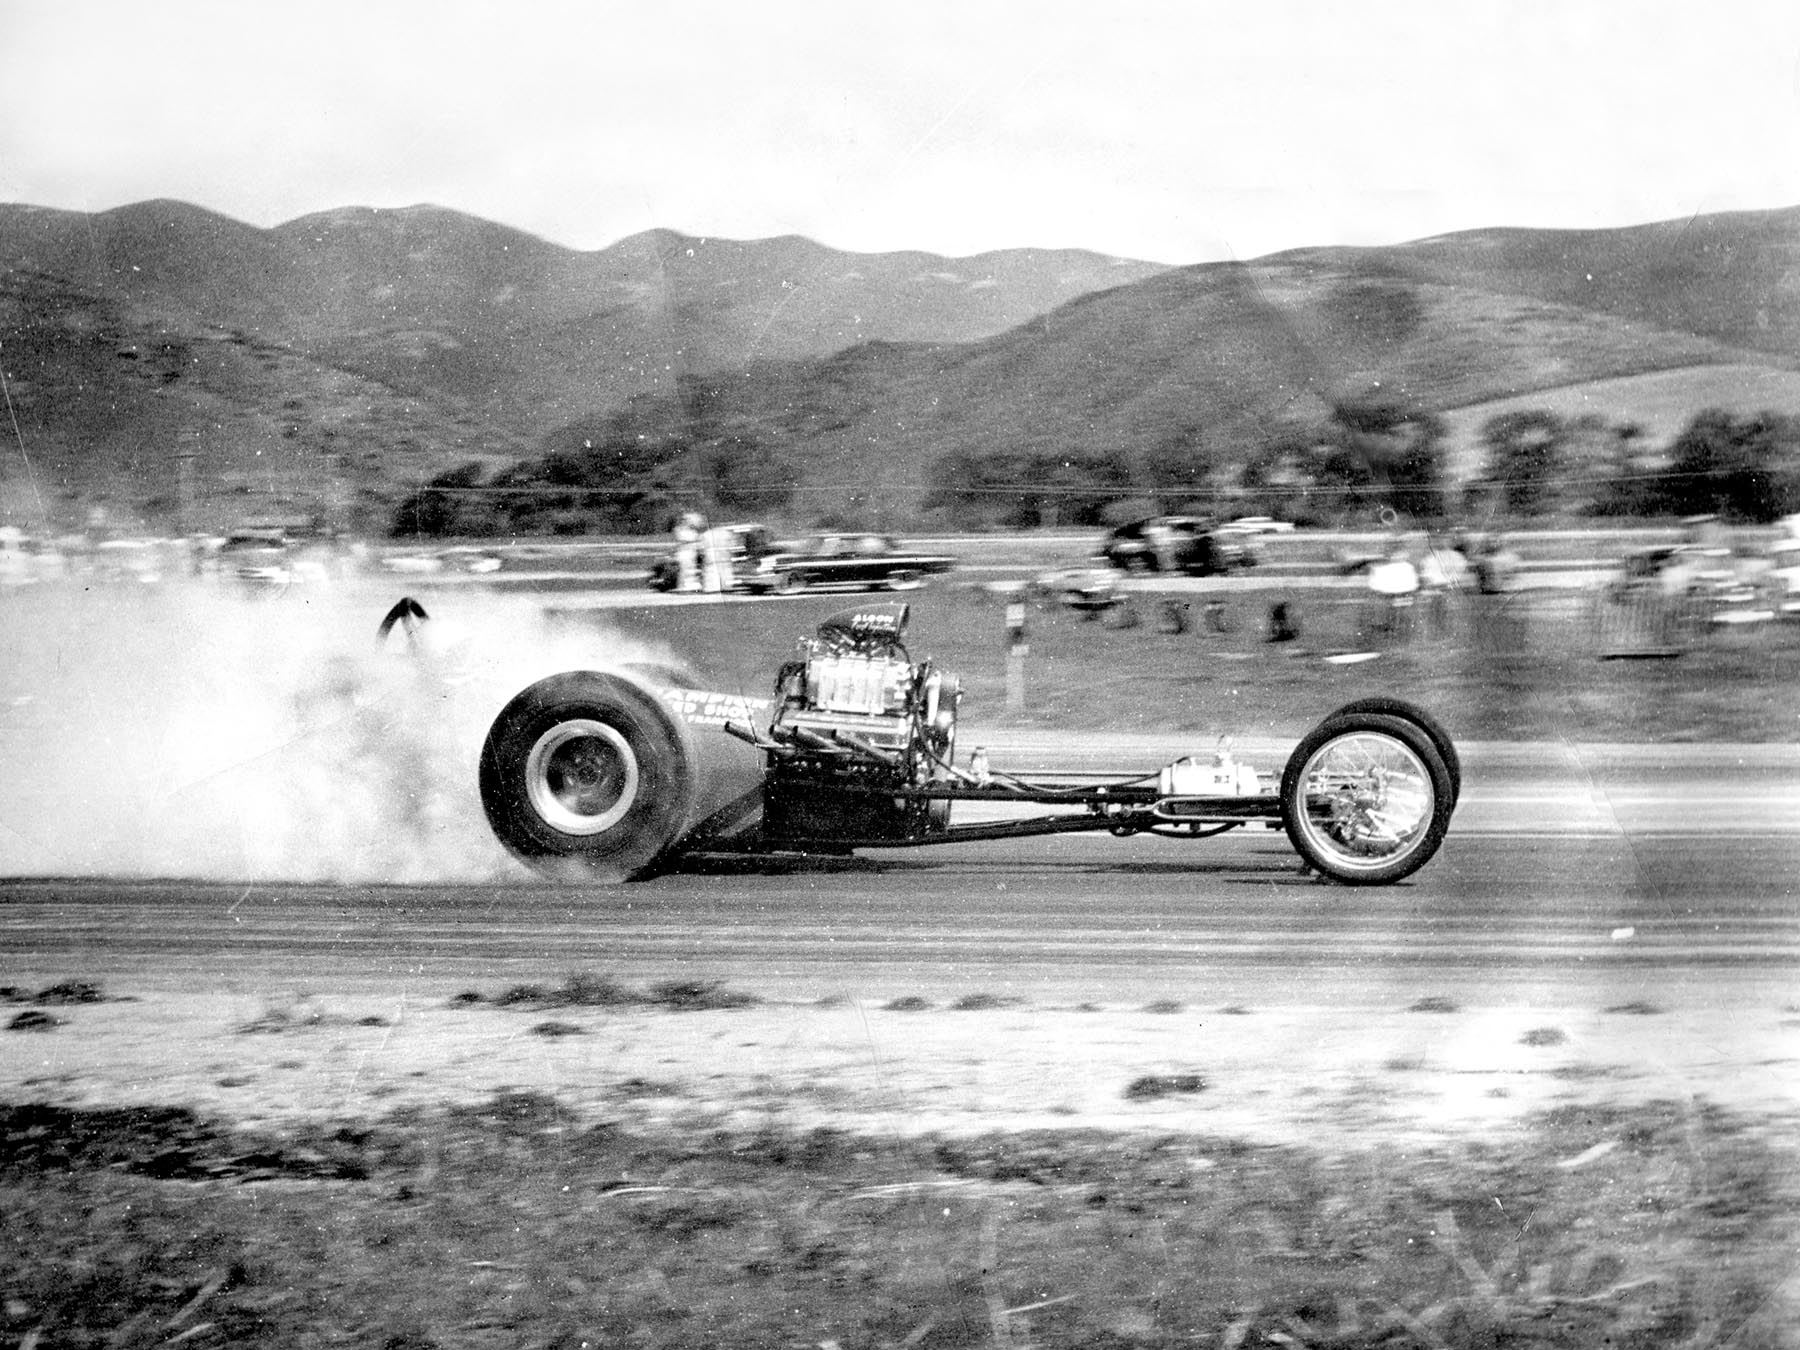 Jim McLennan Champion Speed Shop Dragster @ HMB.jpg